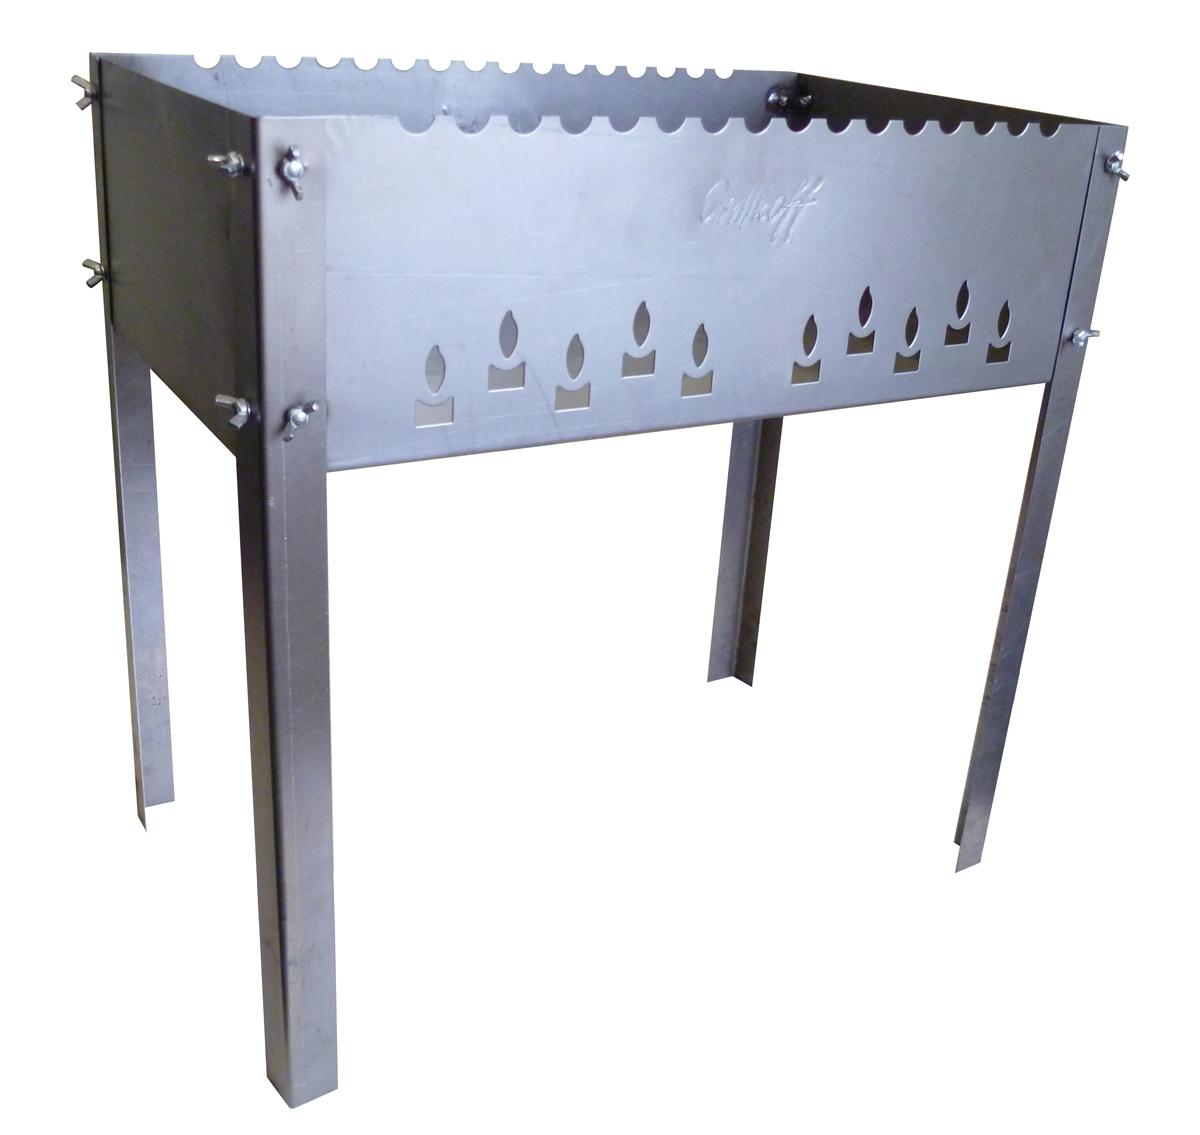 Мангал Grillkoff Max, с 6 шампурами, 50 х 30 х 50 см248Мангал Grillkoff Max выполнен из высококачественной стали. С барашками, с волной. Мангал без усилий собирается для применения. Конструкция позволяет с комфортом готовить на мангале. В комплекте 6 шампуров, выполненных из нержавеющей стали. Размер мангала (с учетом ножек): 50 х 30 х 50 см. Глубина мангала: 14,5 см. Толщина стали: 1,5 мм. Длина шампуров: 50 см. Толщина шампуров: 0,8 мм.